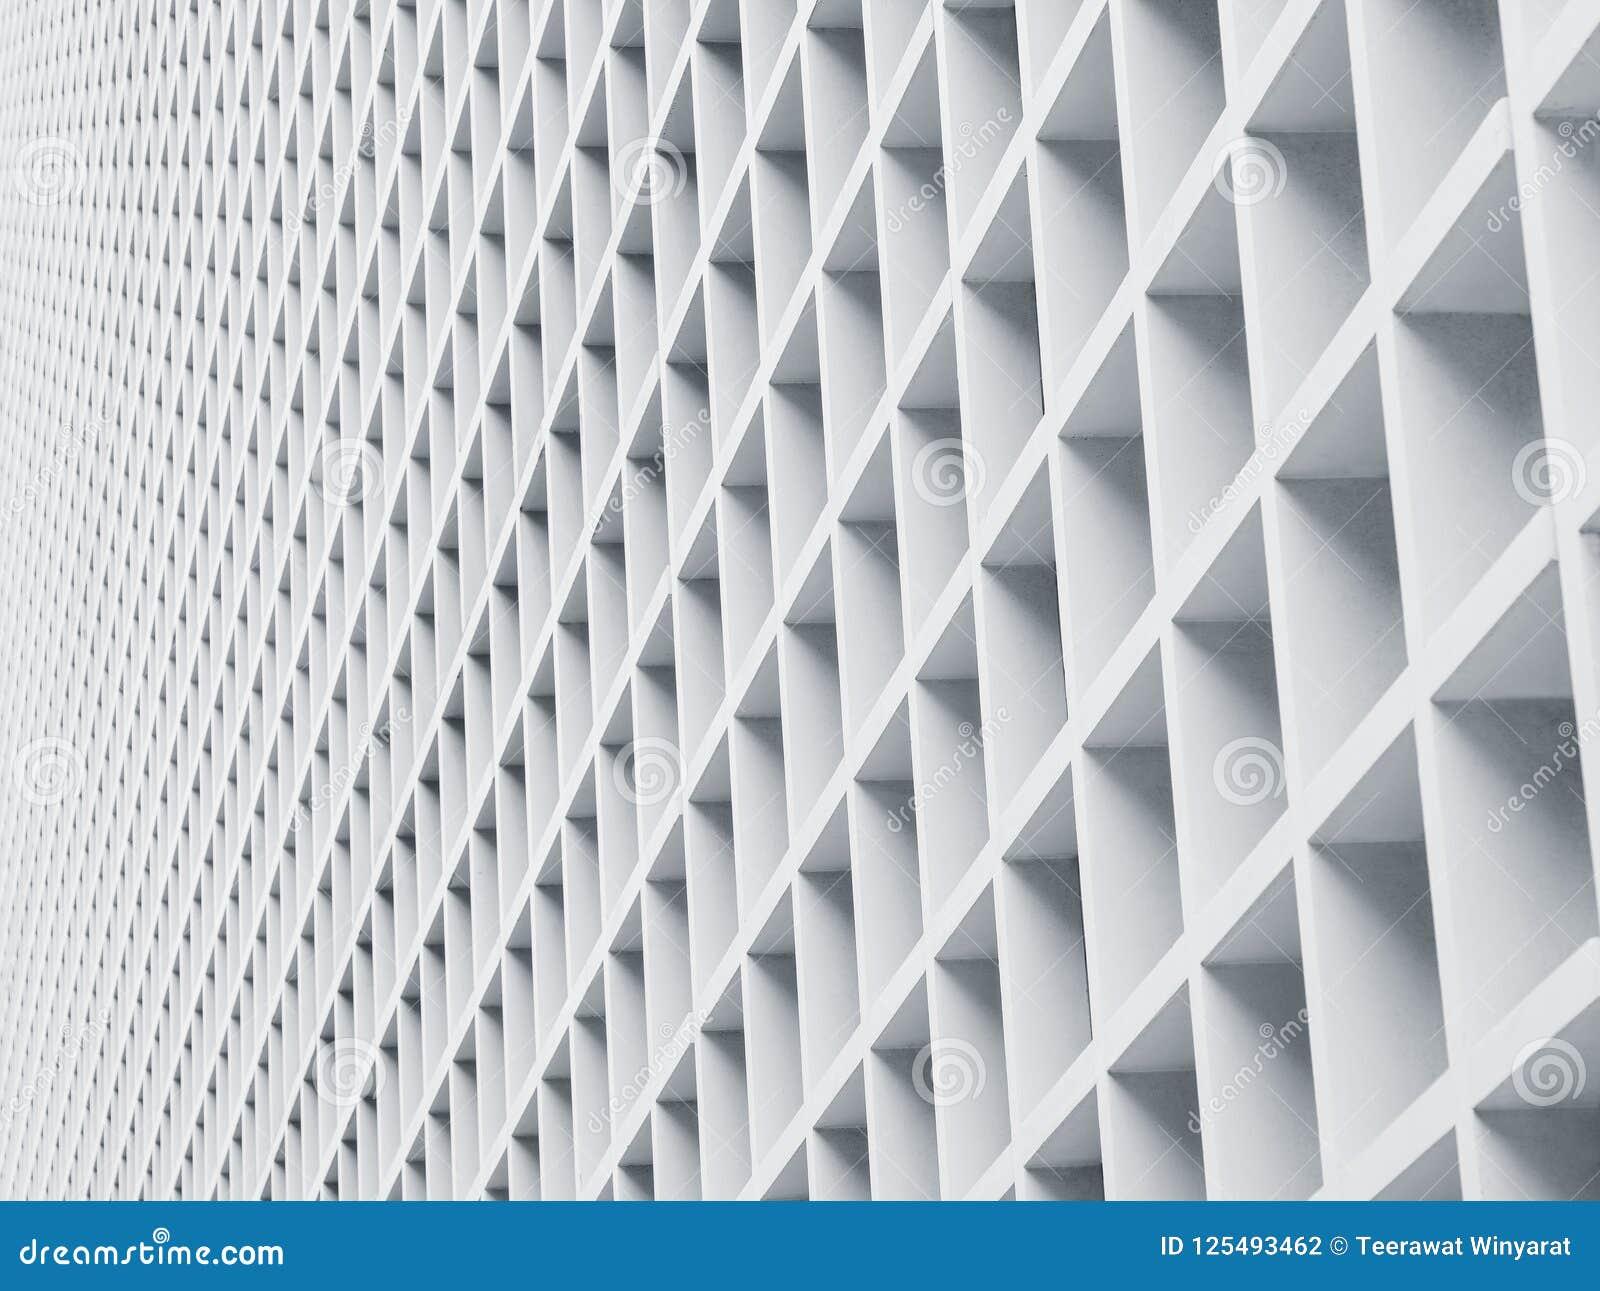 Zementplatte Architektur-Details geometrisches Muster